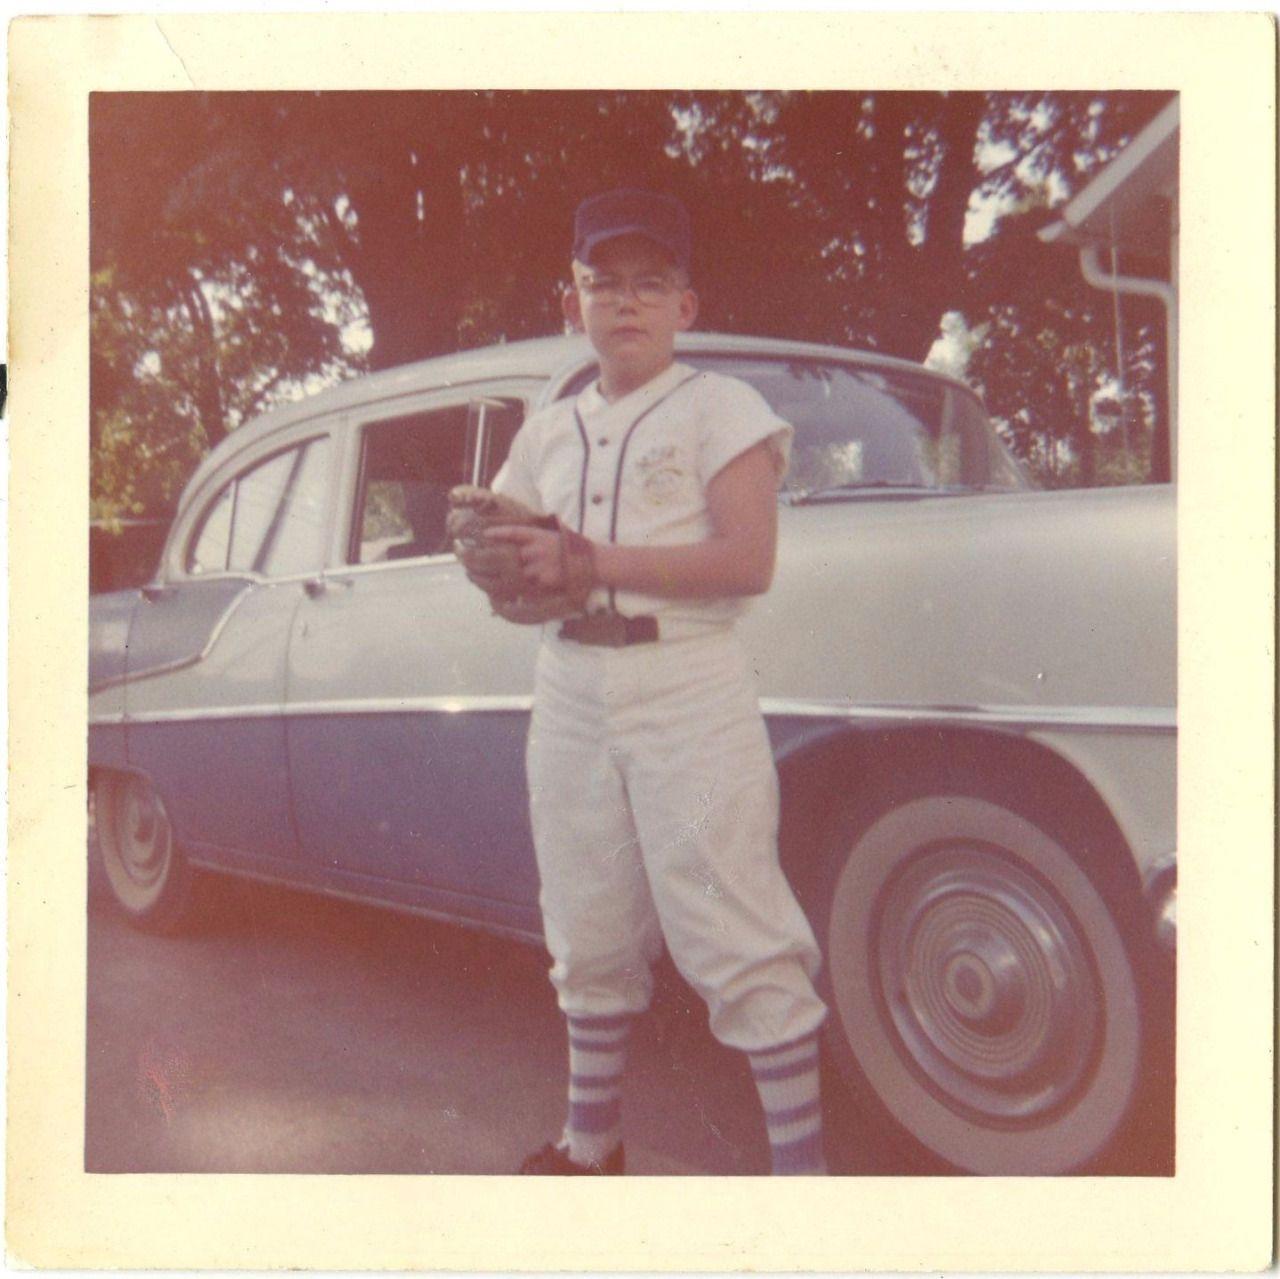 Little league 1950s